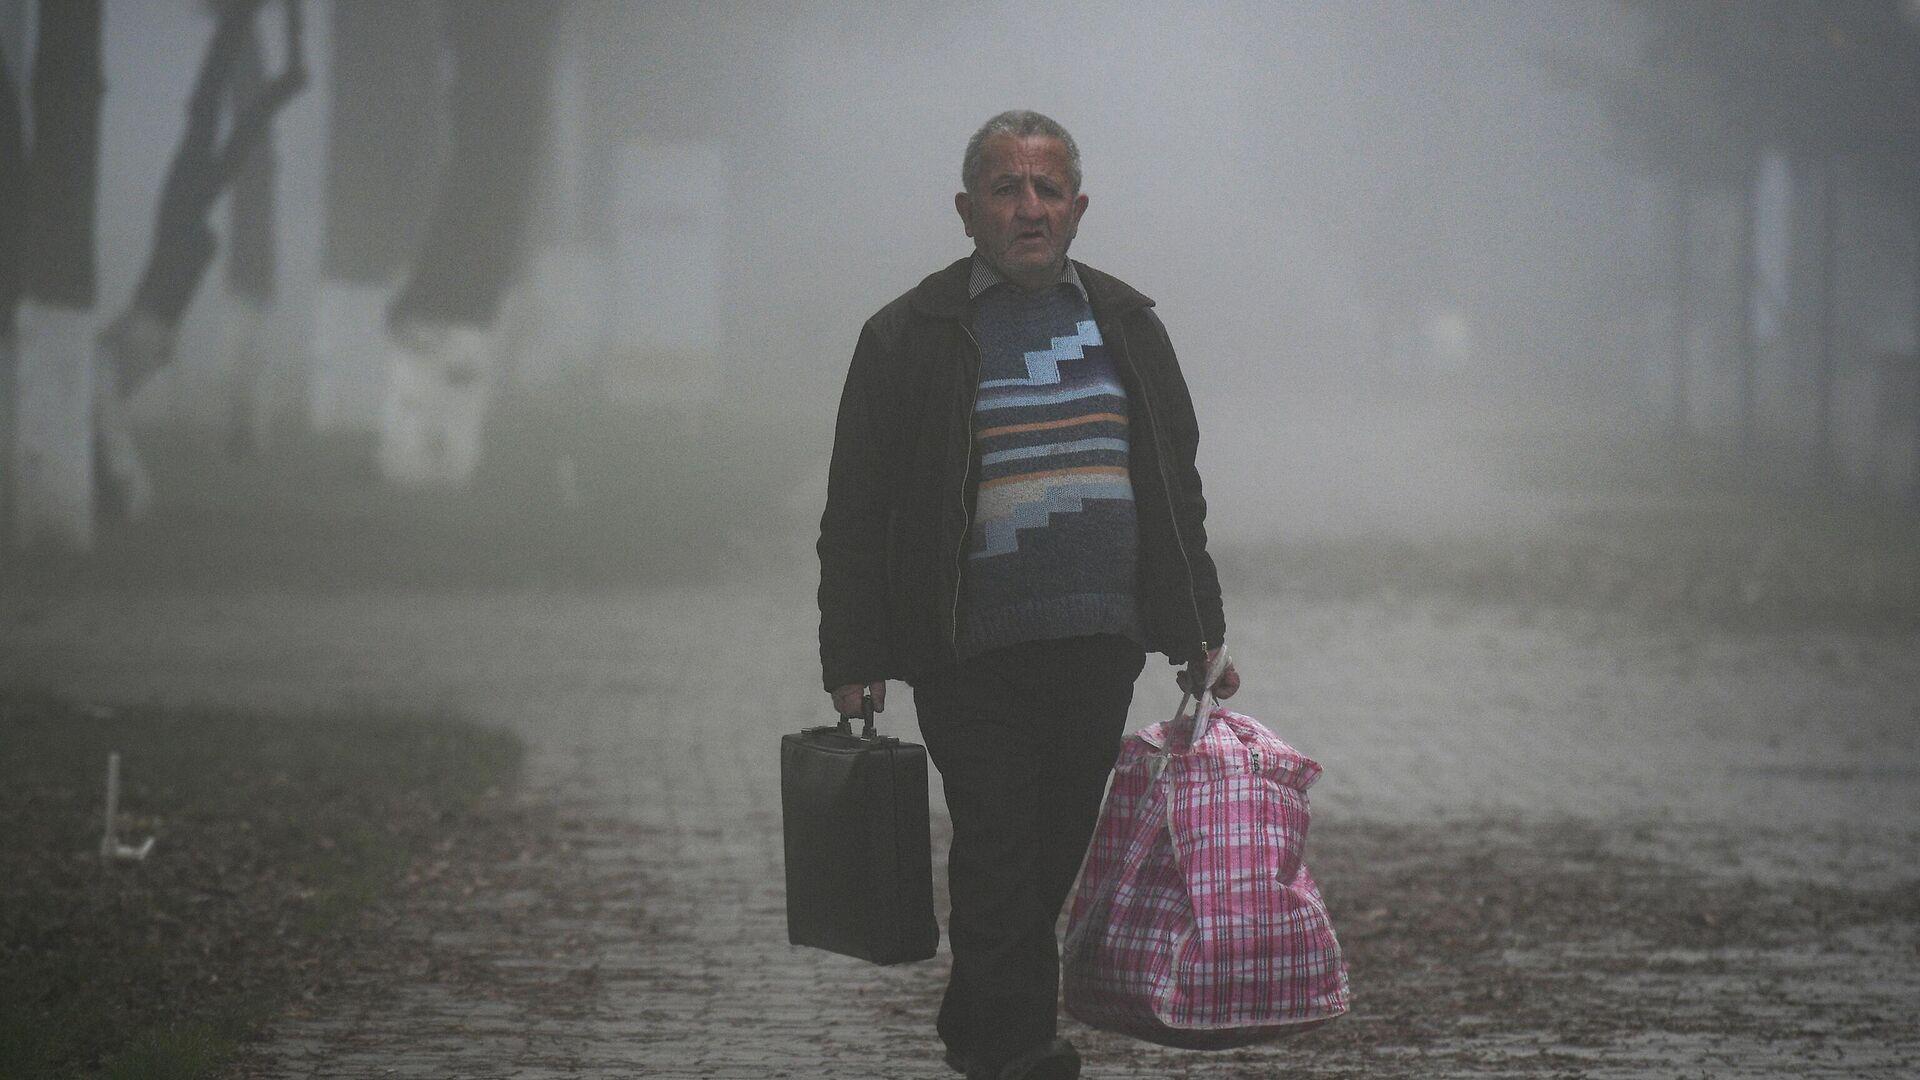 Возвращение беженцев в Нагорный Карабах - РИА Новости, 1920, 29.11.2020